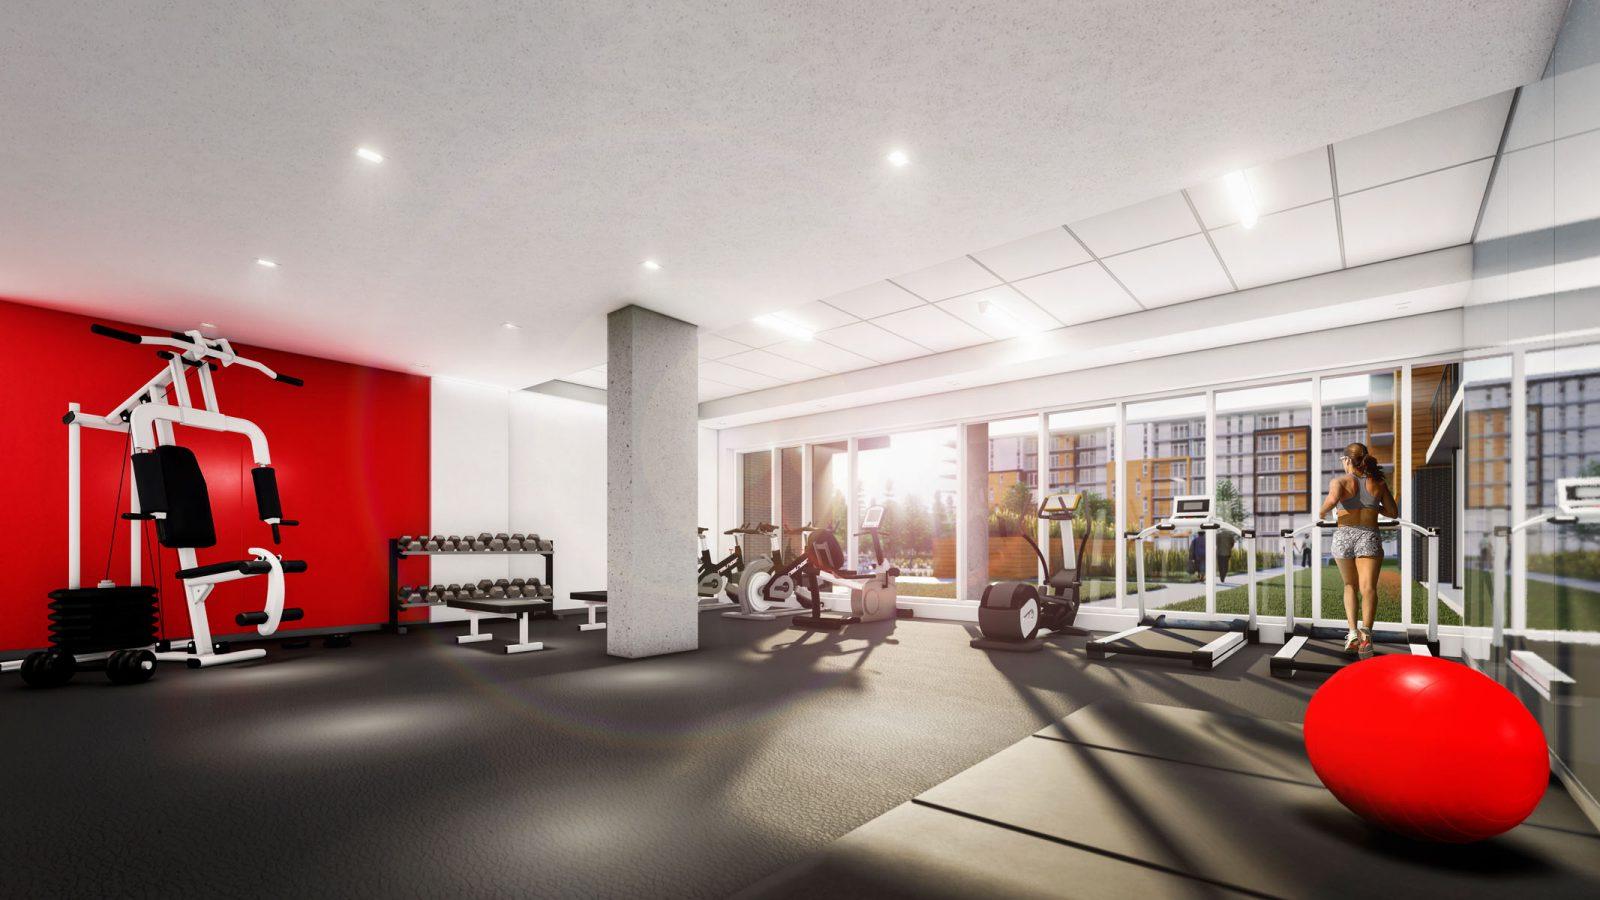 Salle de gym bien équipée avec des fenêtres qui vous donneront l'impression de courir et rouler dehors!